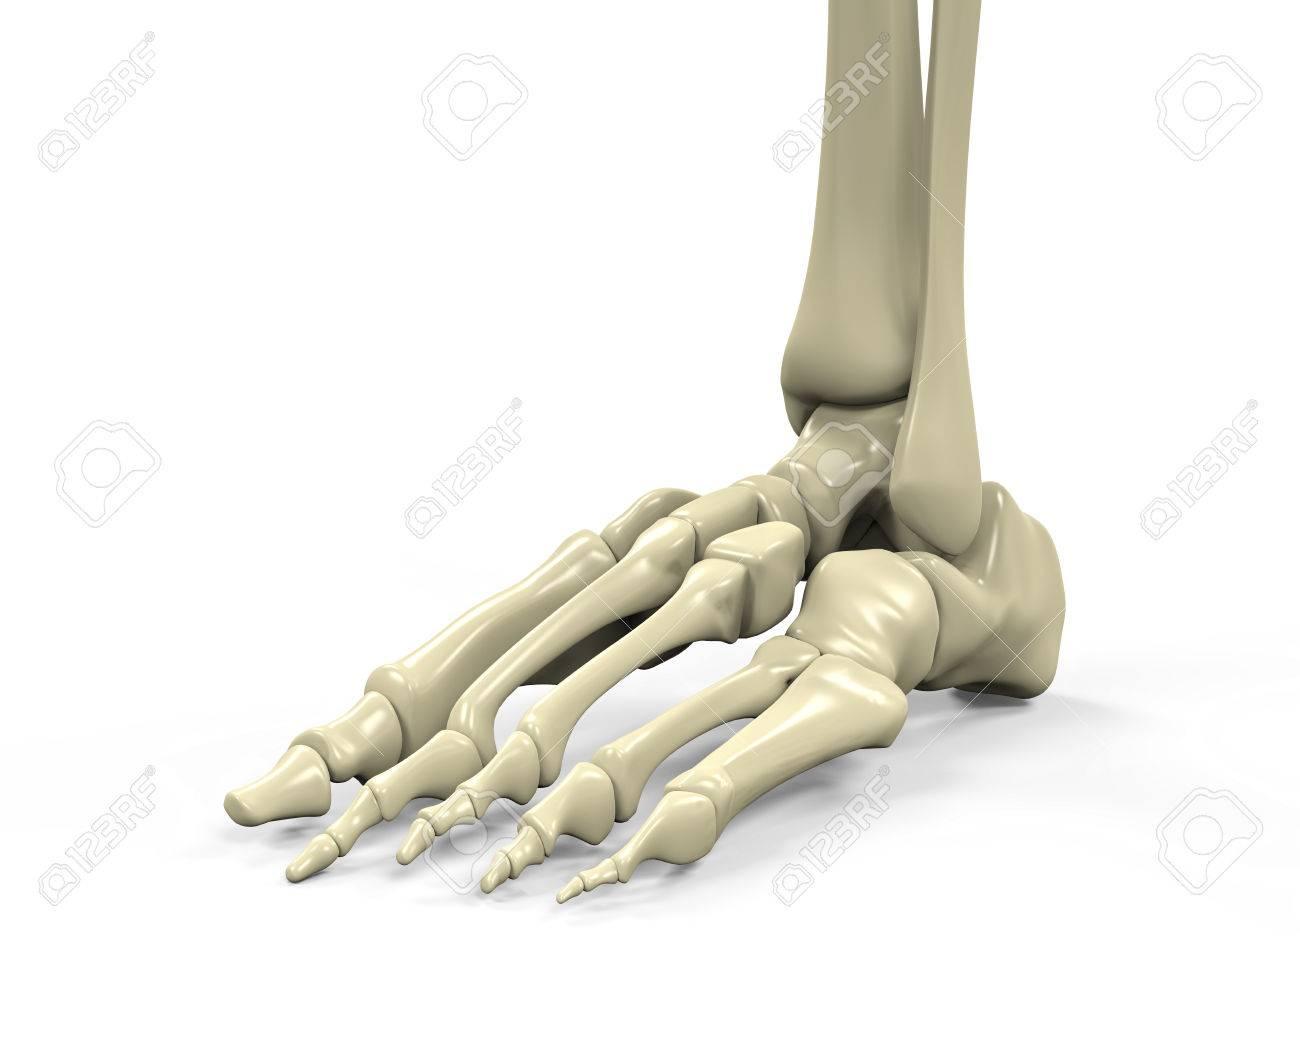 Fuß Skelett Anatomie Lizenzfreie Fotos, Bilder Und Stock Fotografie ...